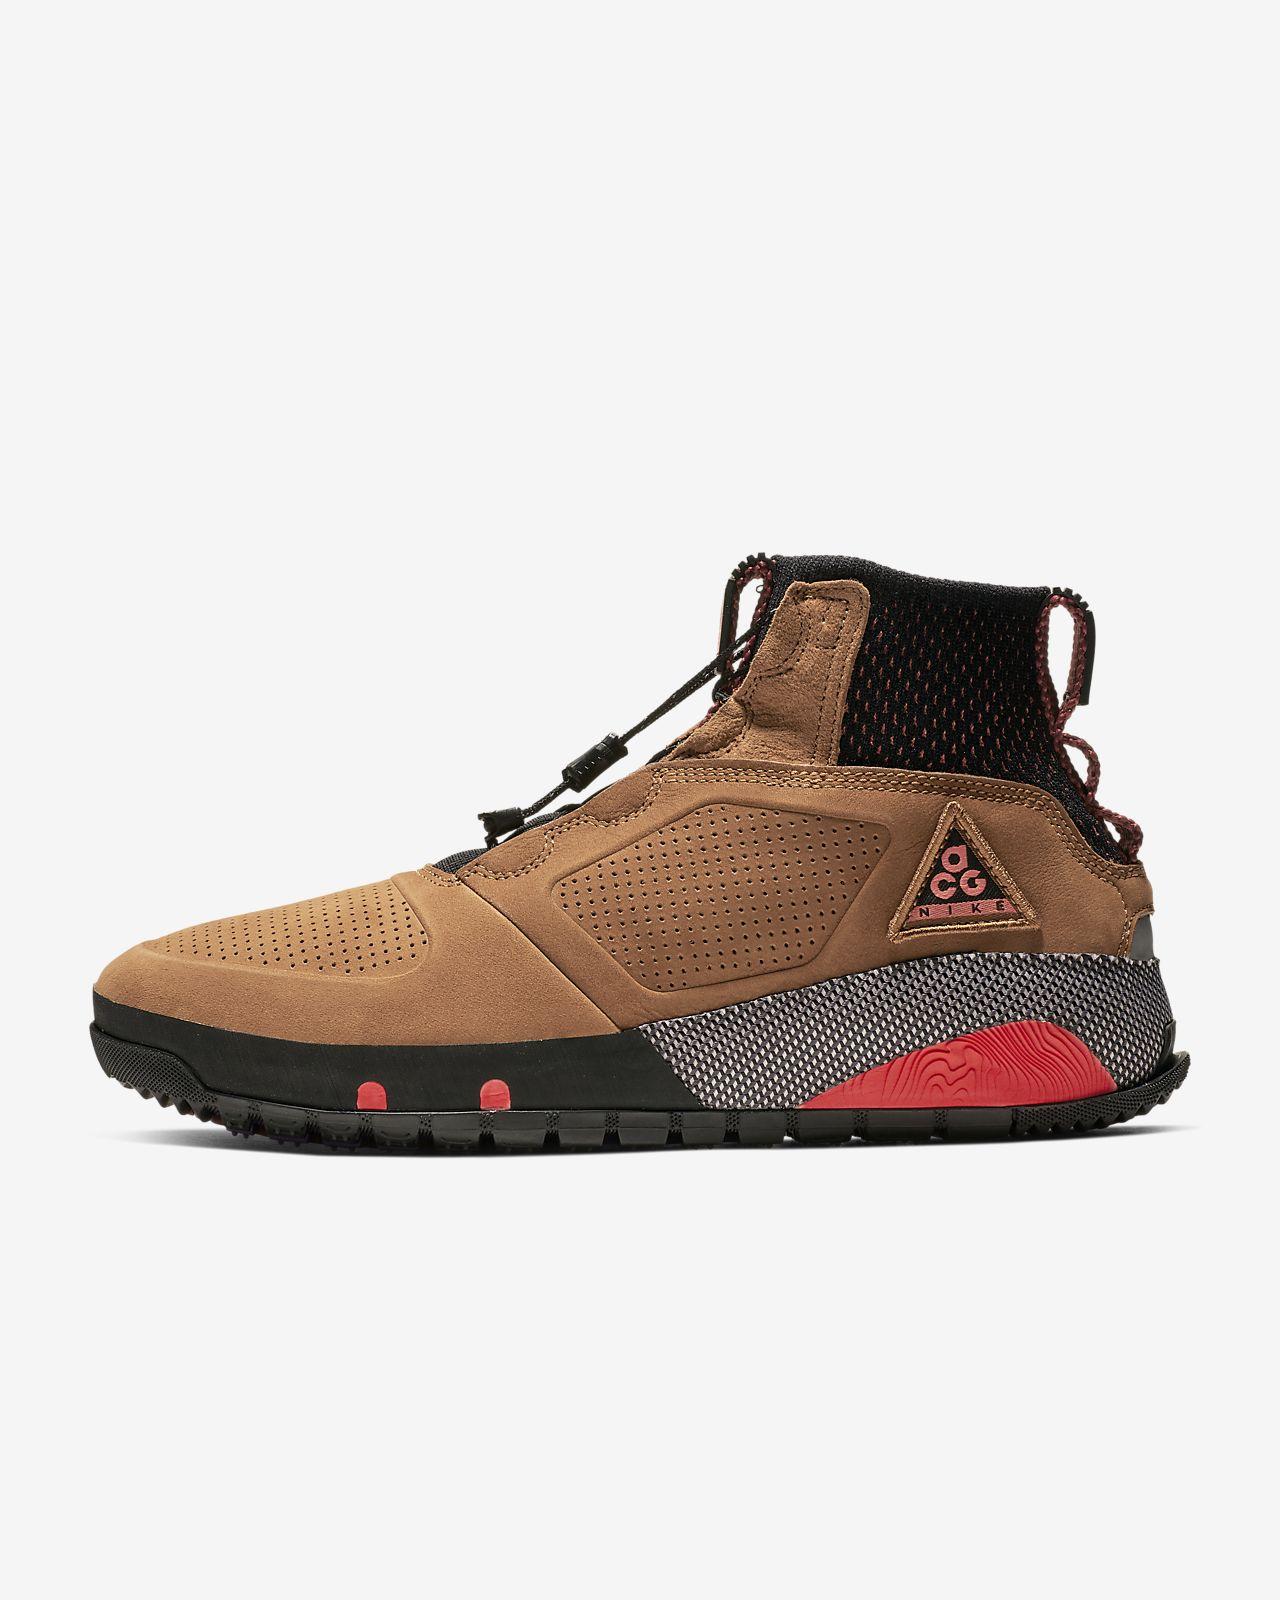 Nike ACG Ruckle Ridge 男鞋